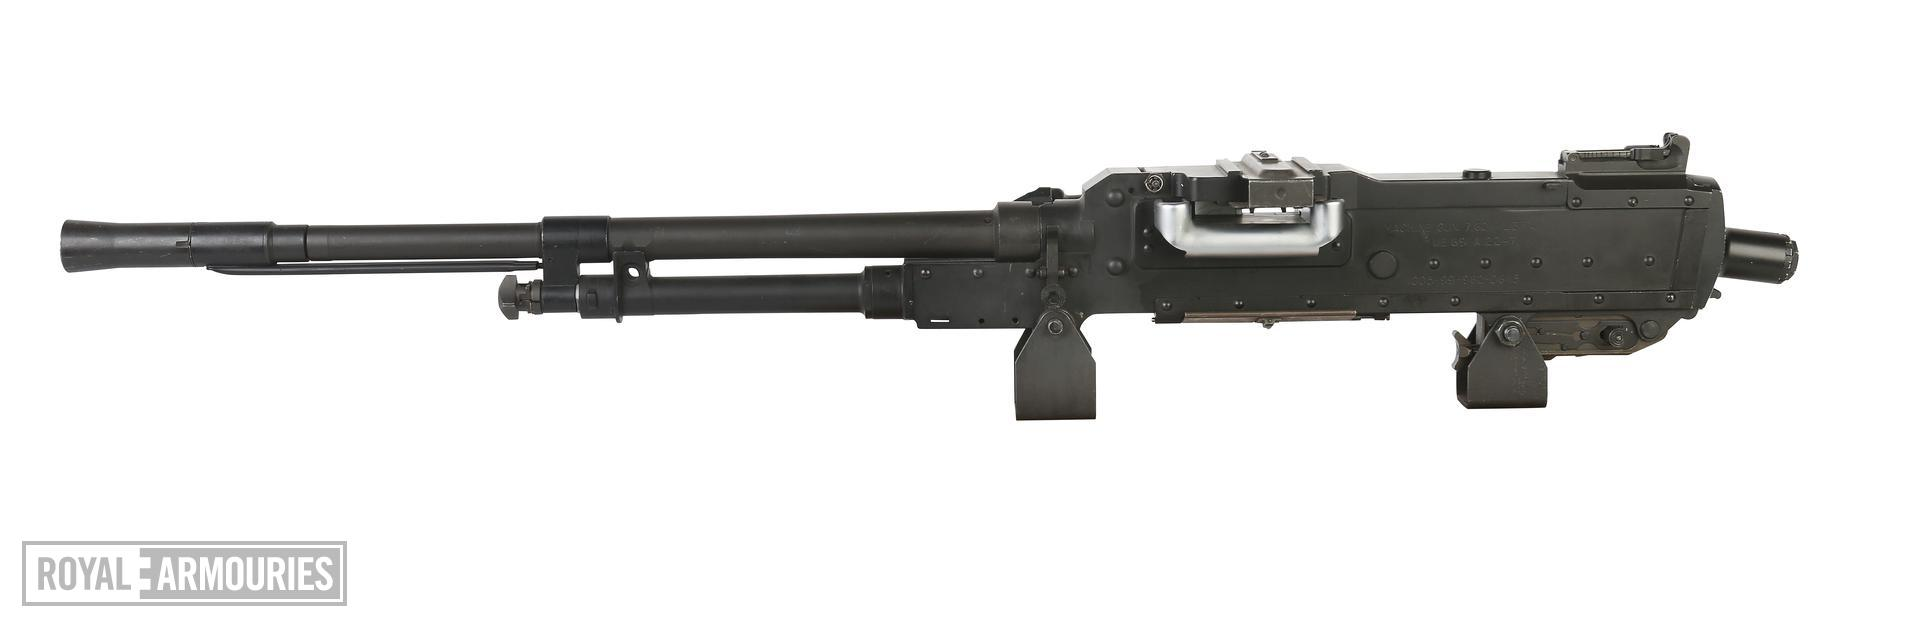 PR.7208 Centrefire automatic machine gun, GPMG FN L37A1. AFV model.